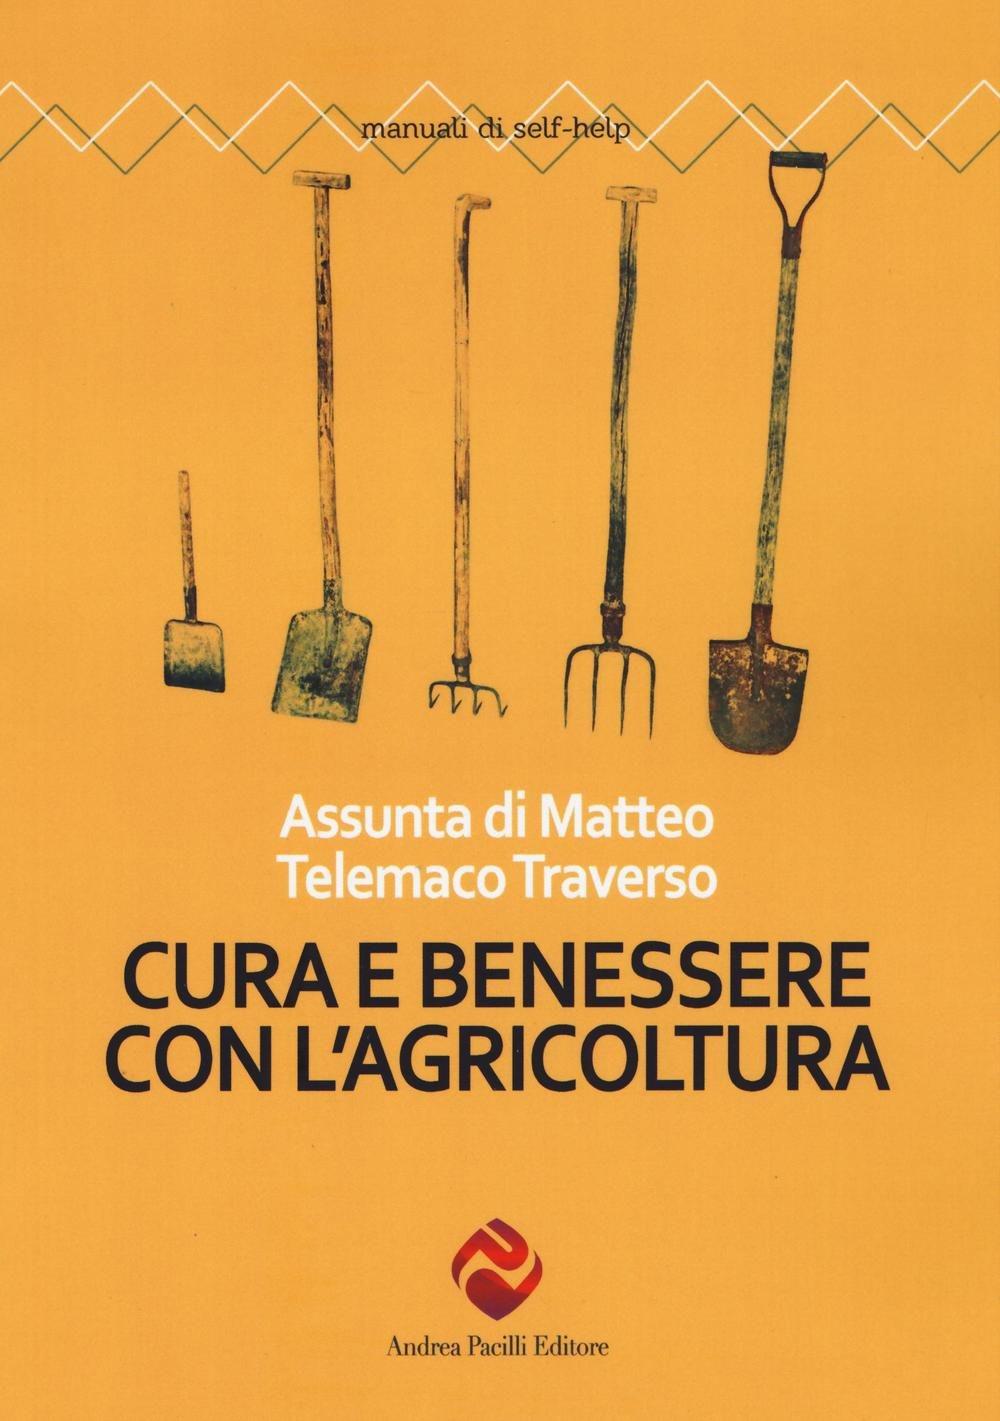 Il libro consigliato da Alfonso Pascale: Cura e benessere con l'agricoltura, di Assunta di Matteo e Telemaco Traverso